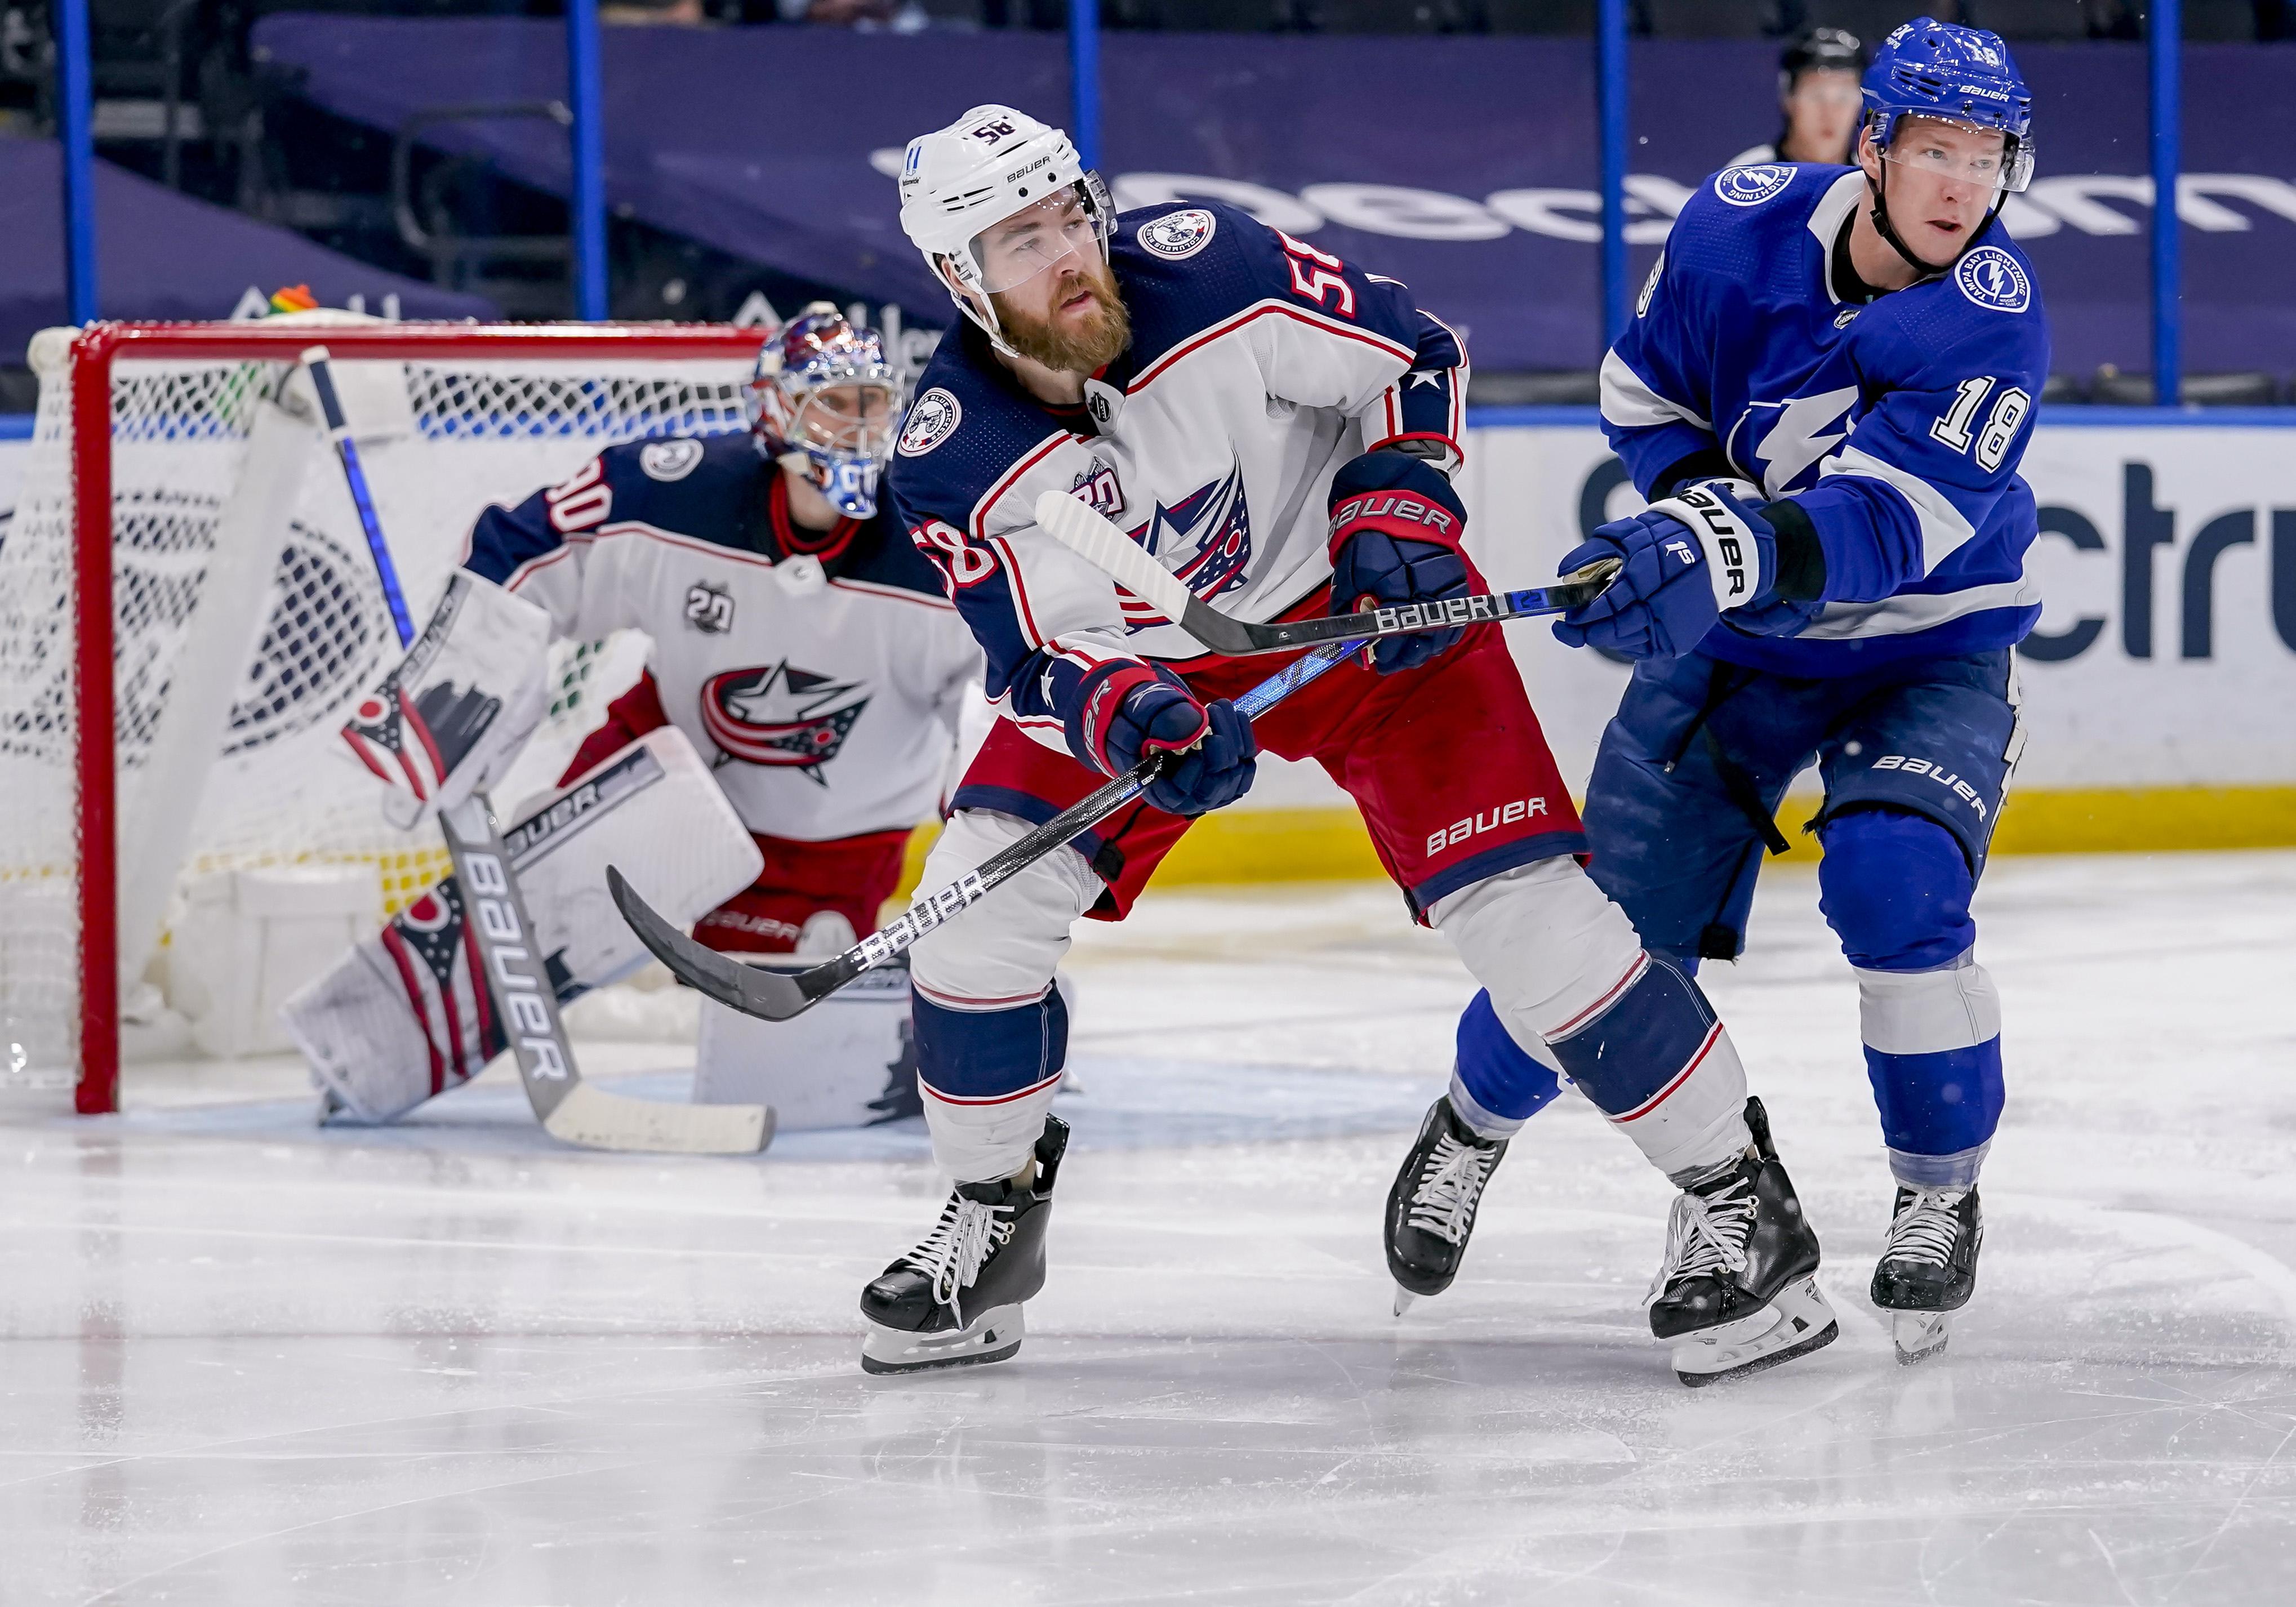 NHL: MAR 30 Blue Jackets at Lightning